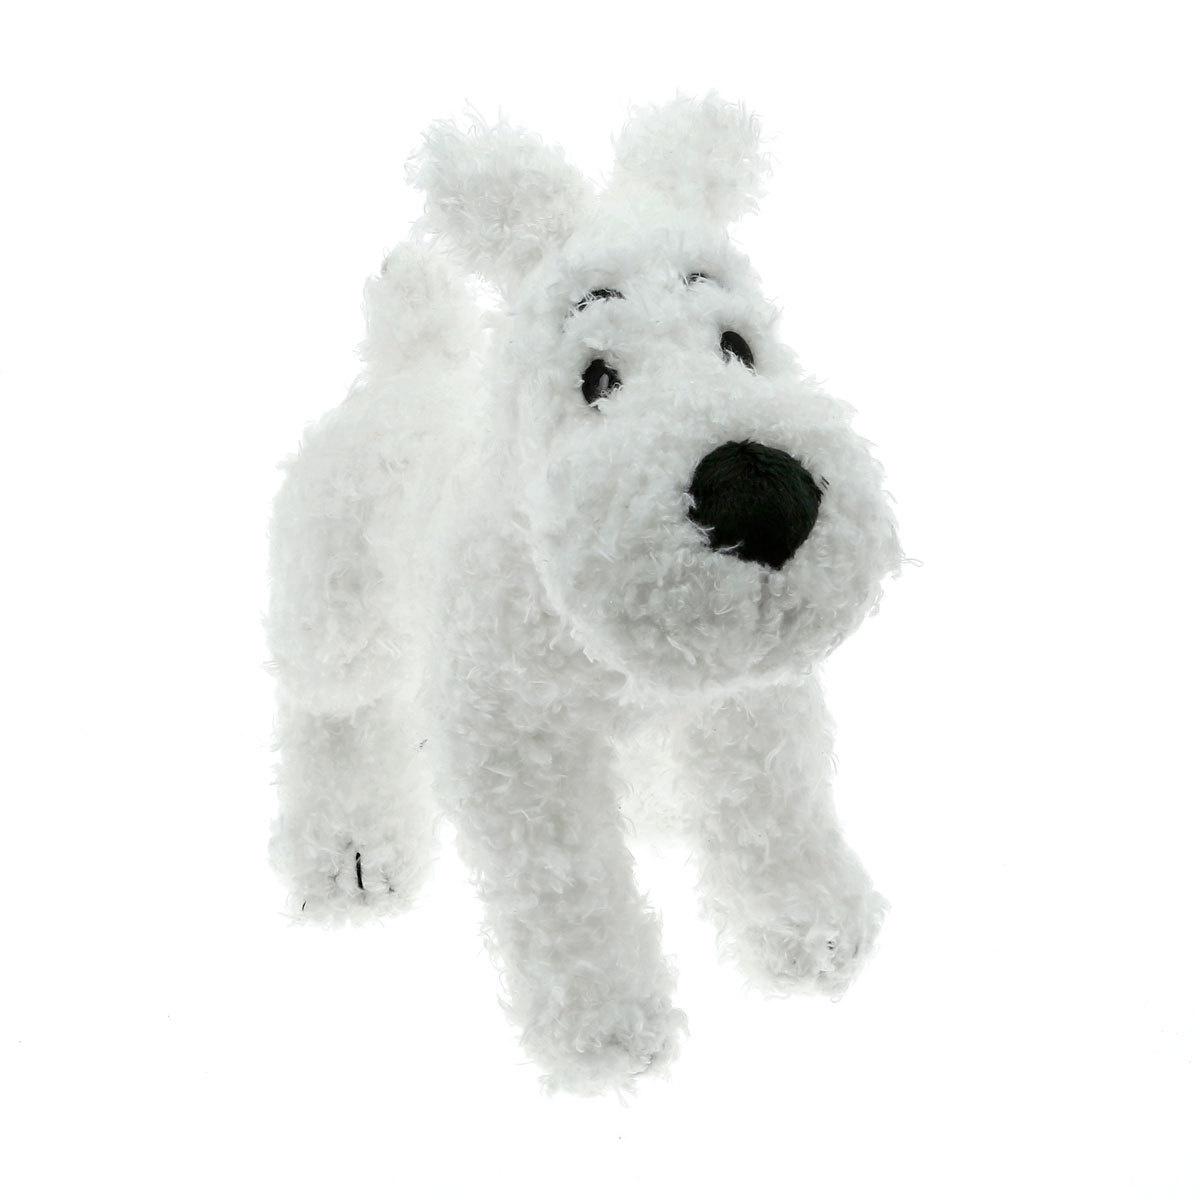 Tintin Snowy Plush